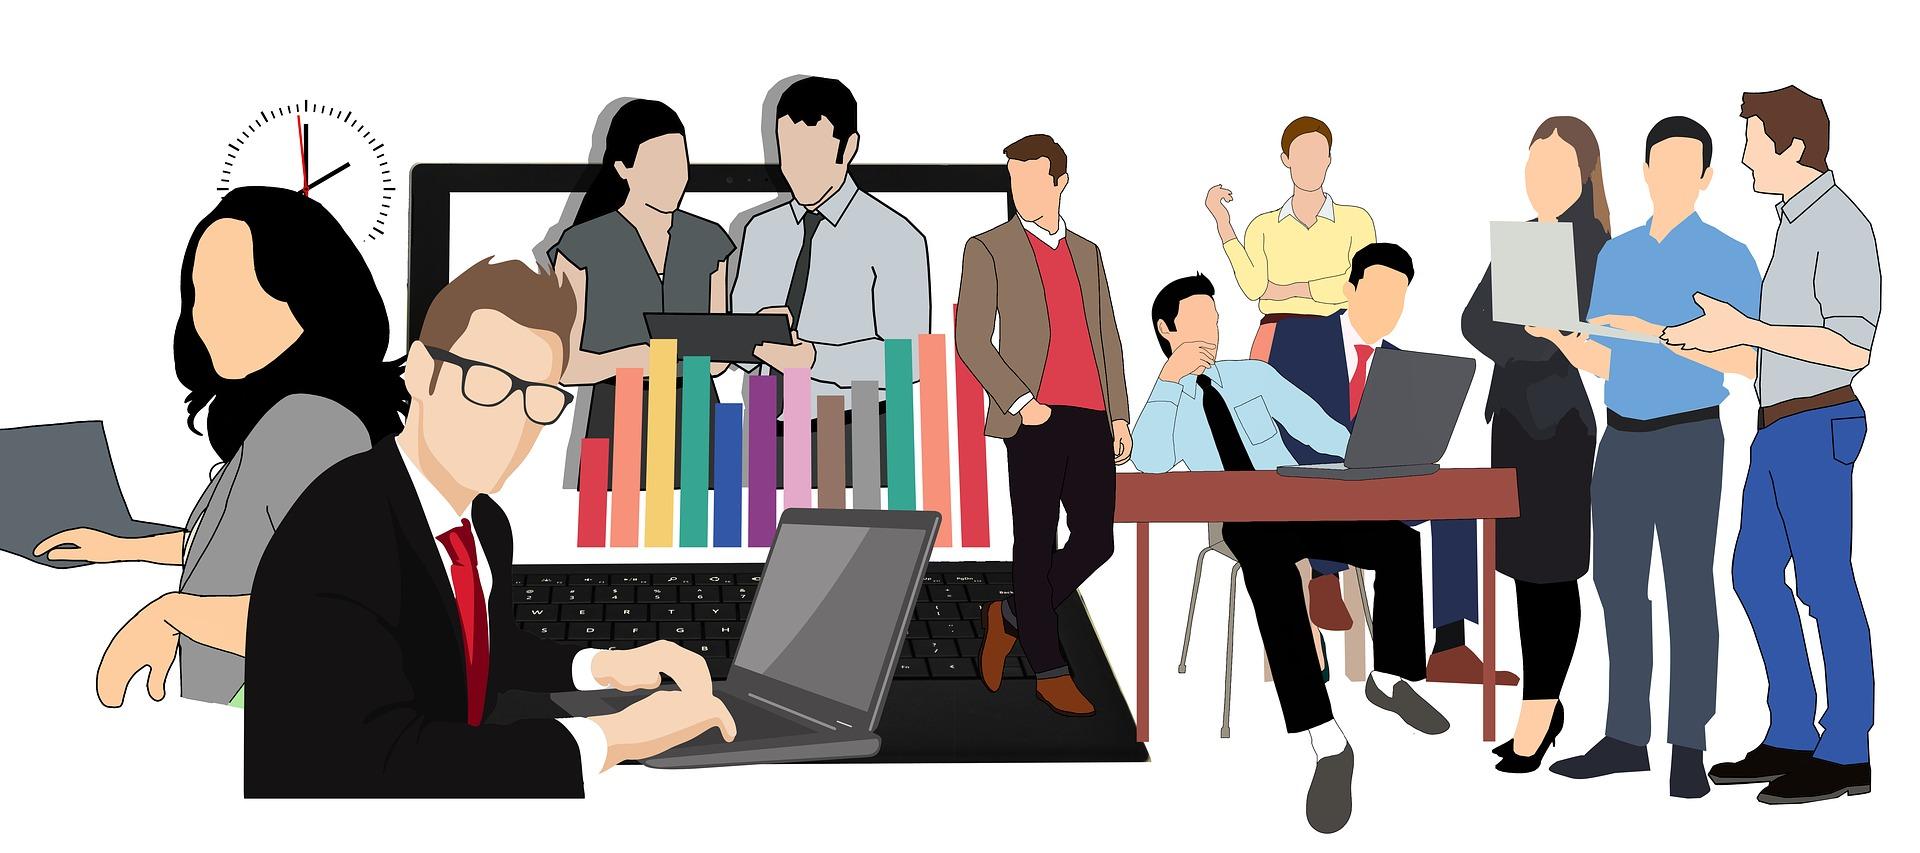 Менеджер картинки для презентации